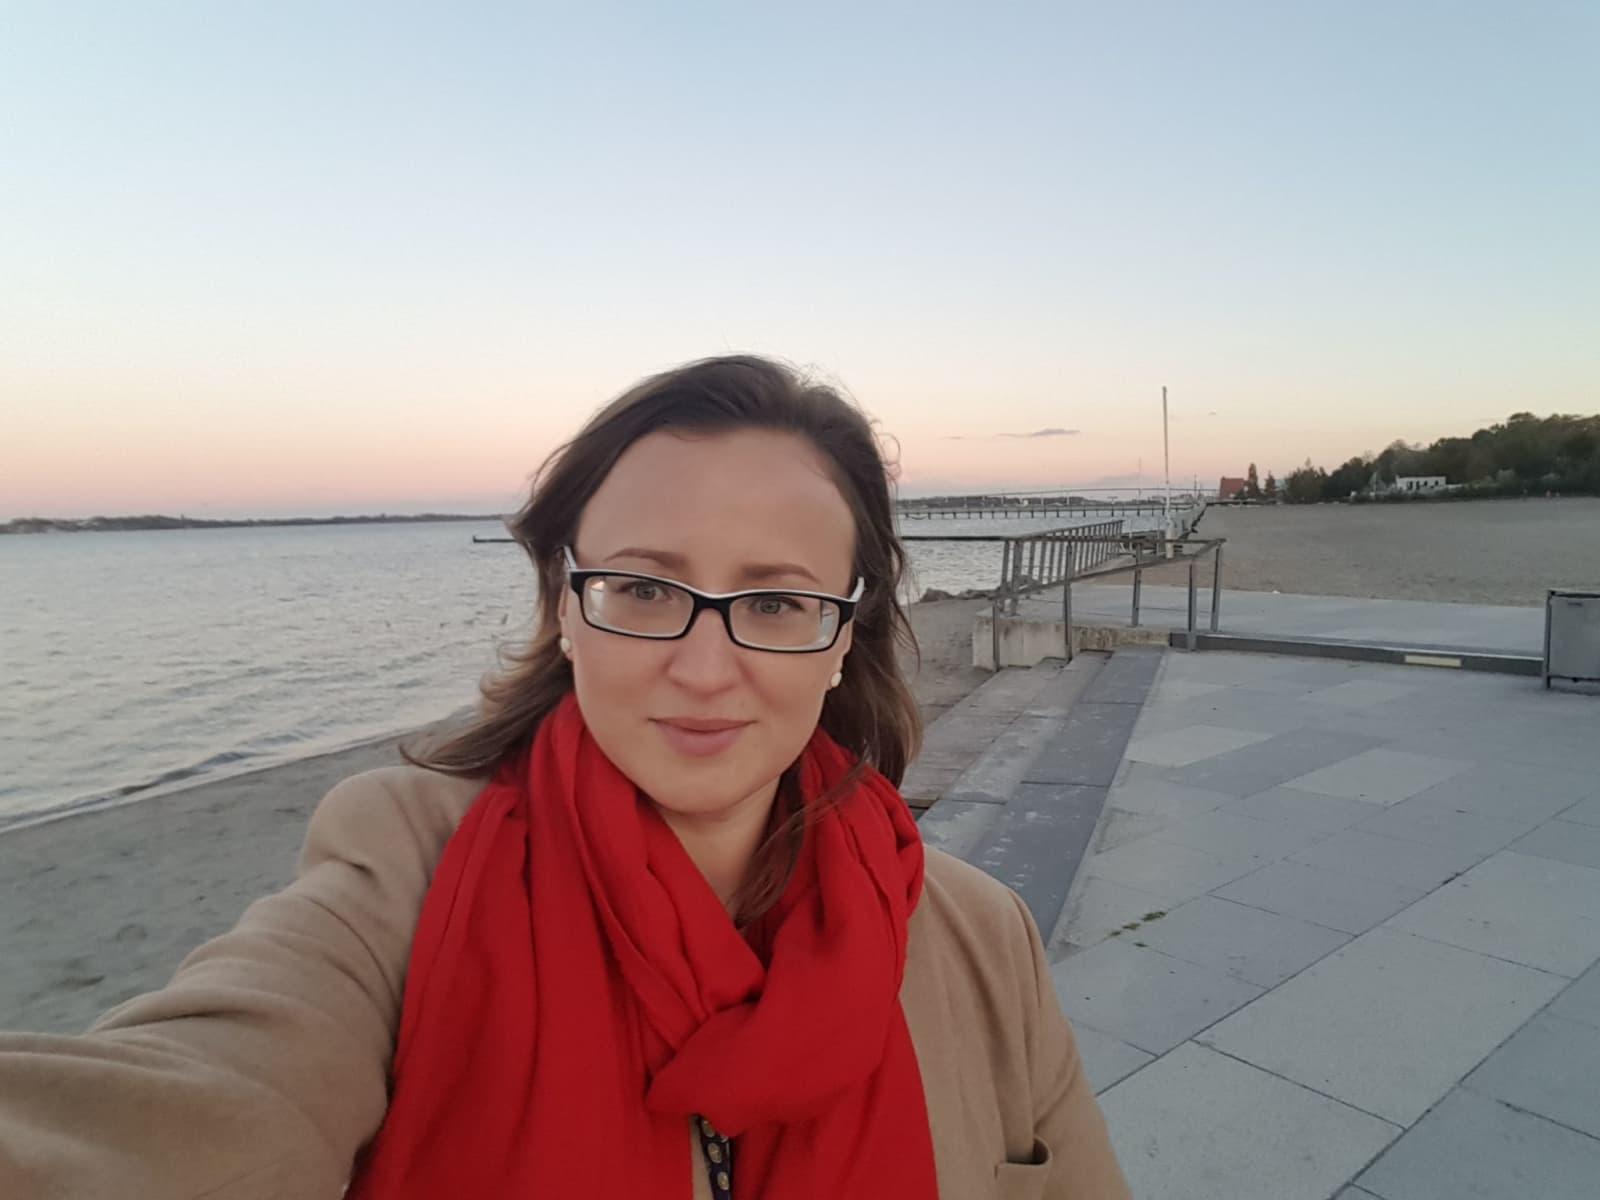 Natalia from Stralsund, Germany